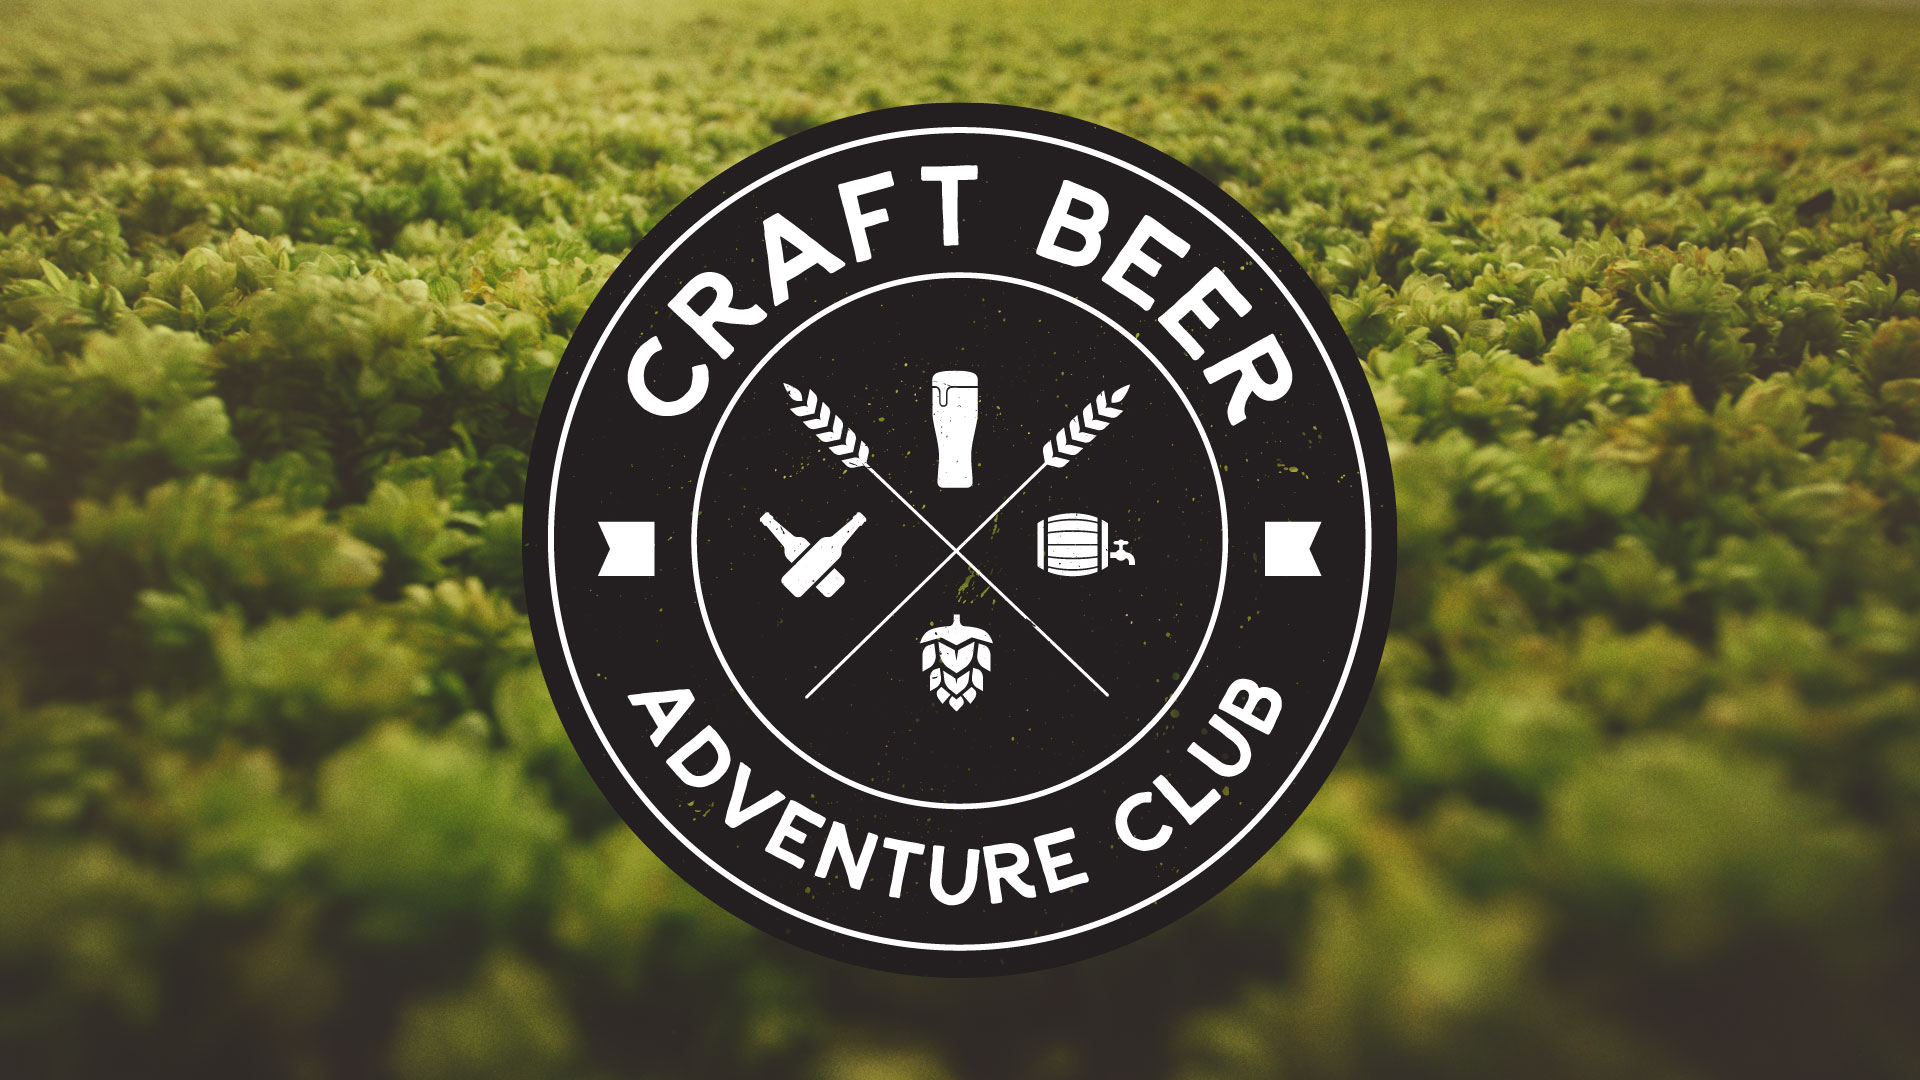 CBAdventureClub-Widescreen-1920x1080_00000.jpg